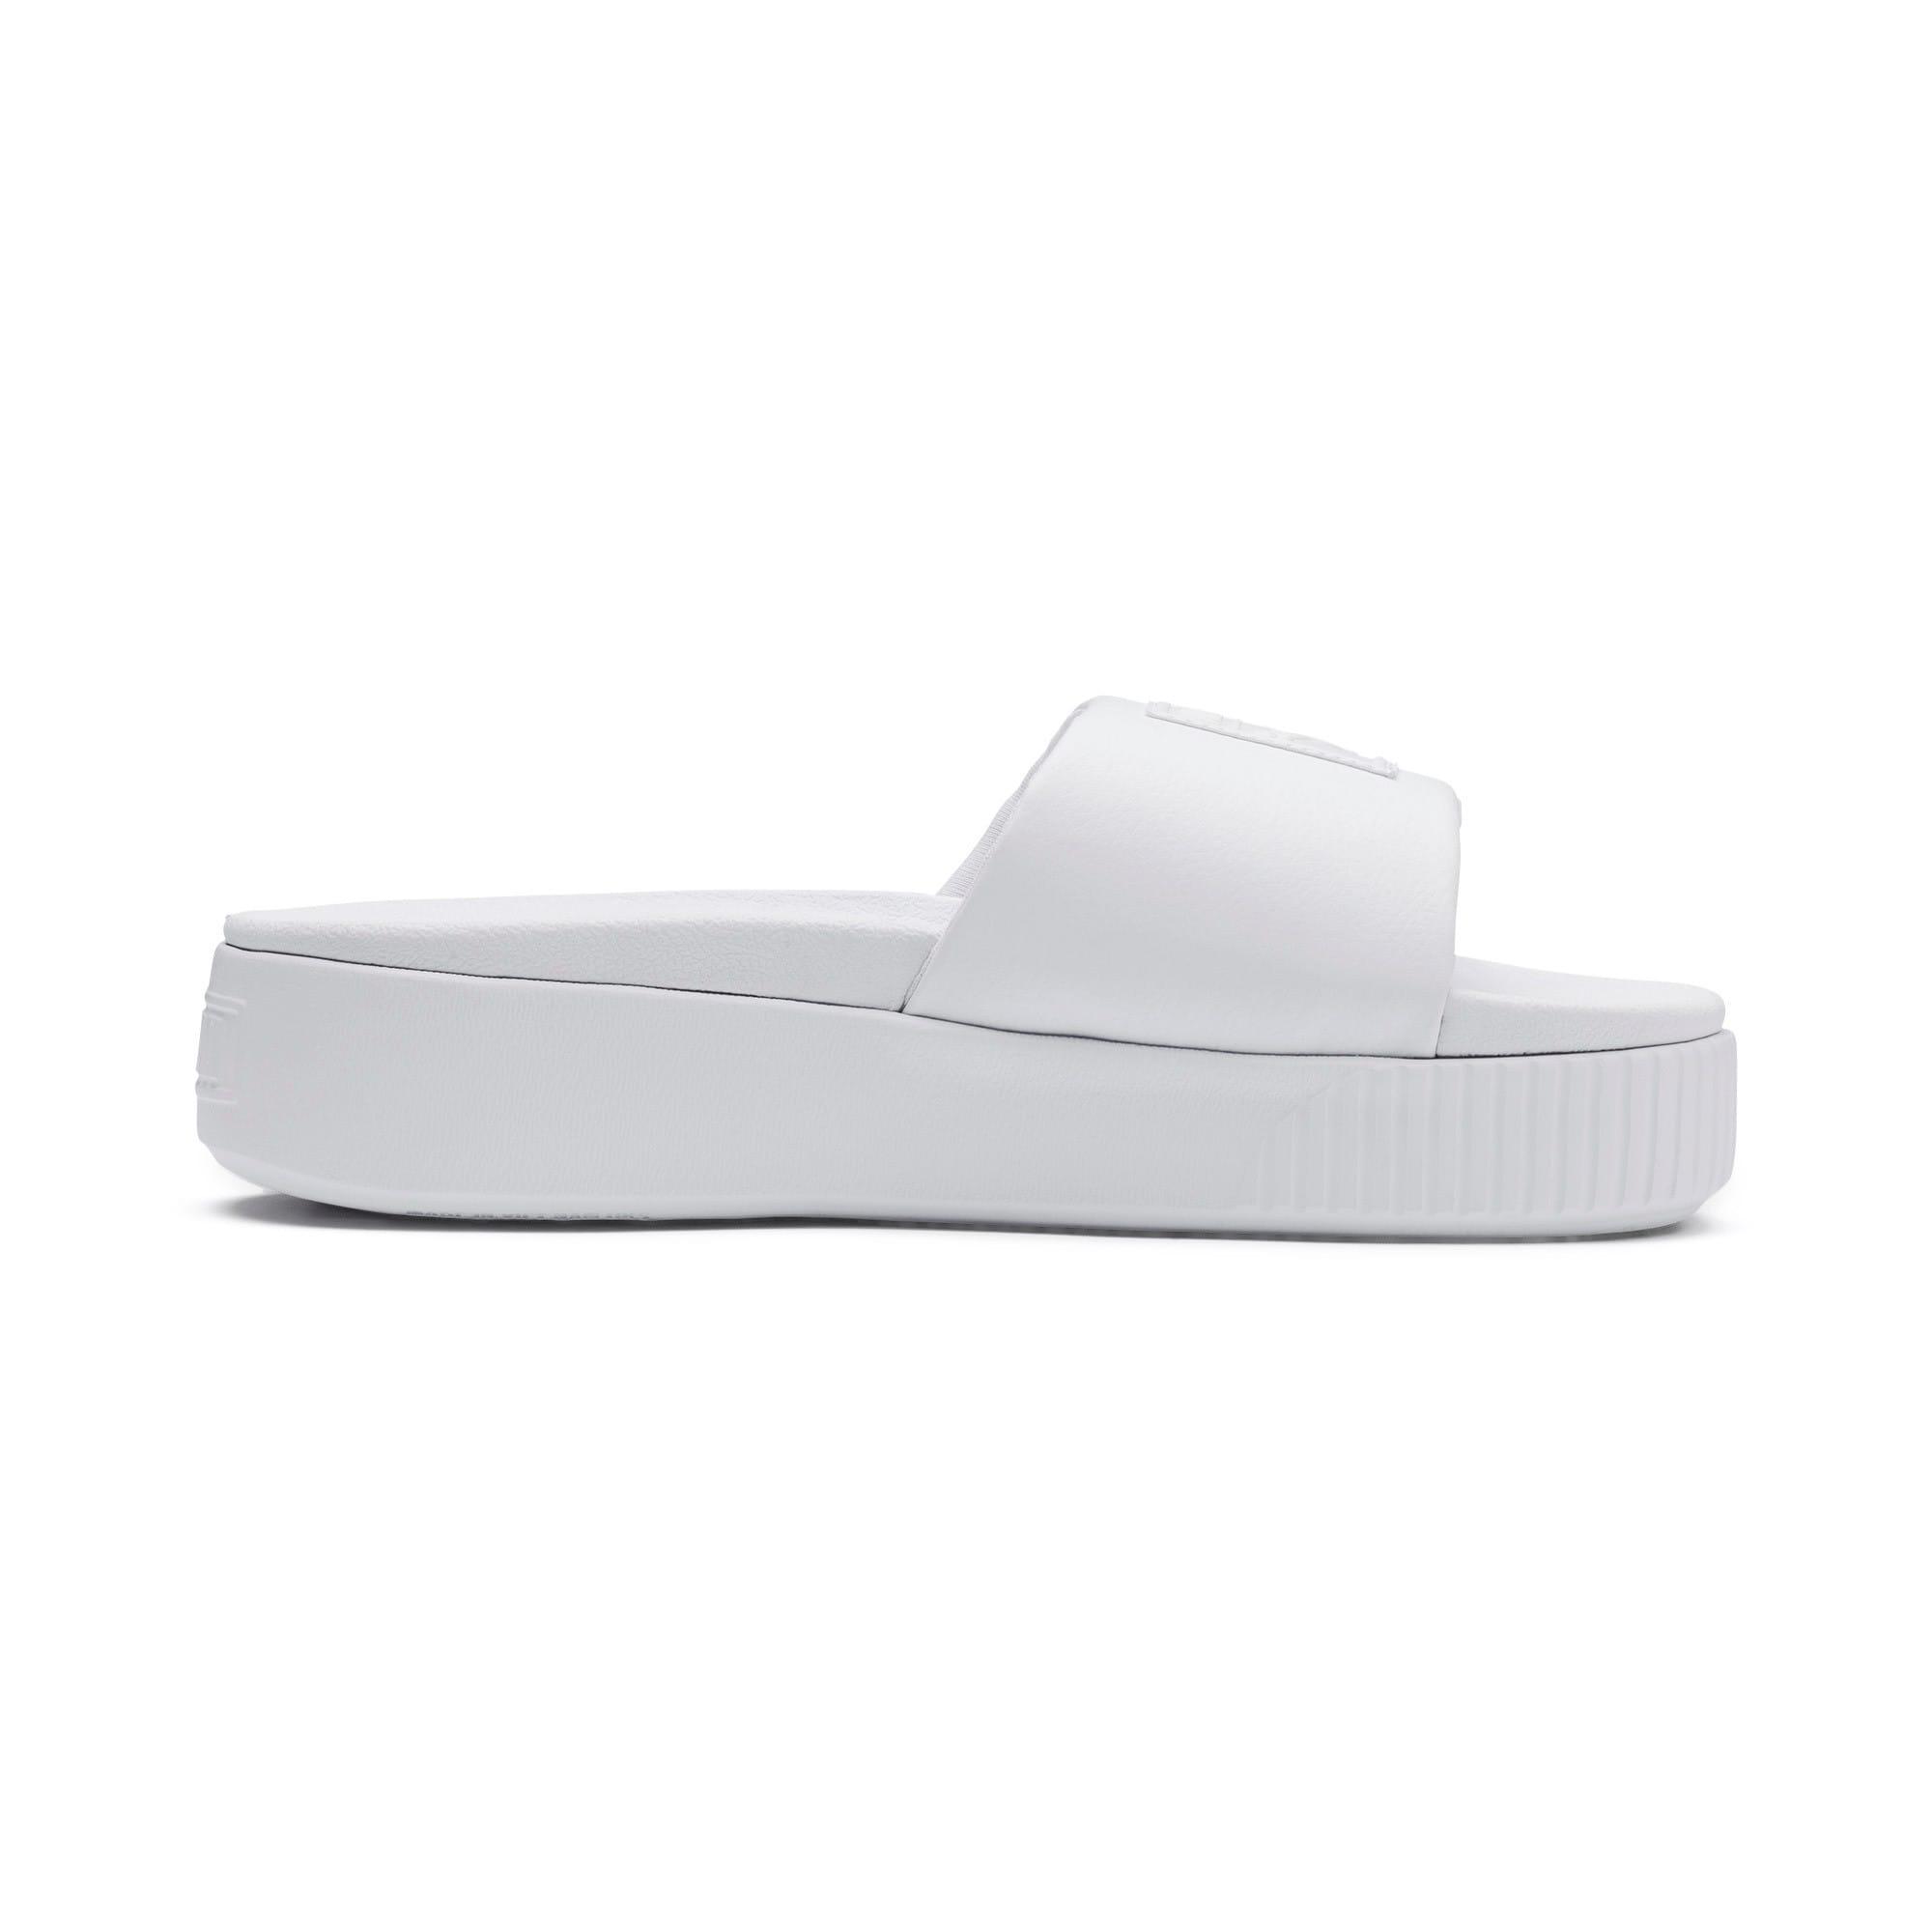 Thumbnail 5 of Platform Slide Women's Sandals, Puma White-Puma White, medium